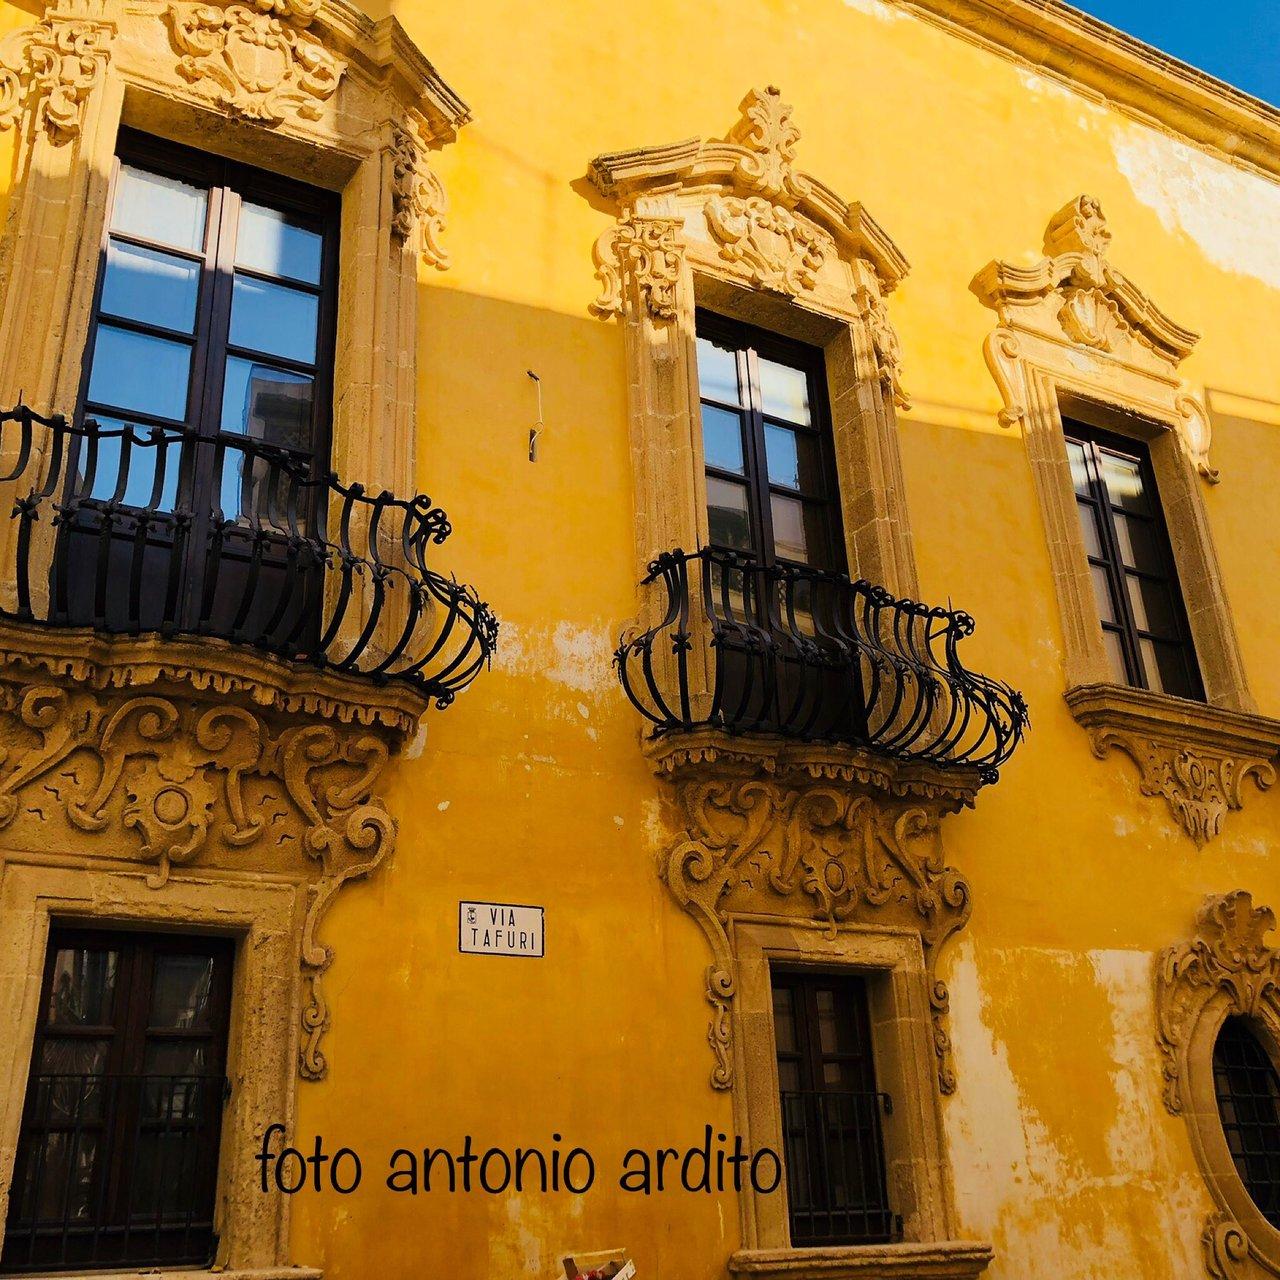 Palazzo Tafuri